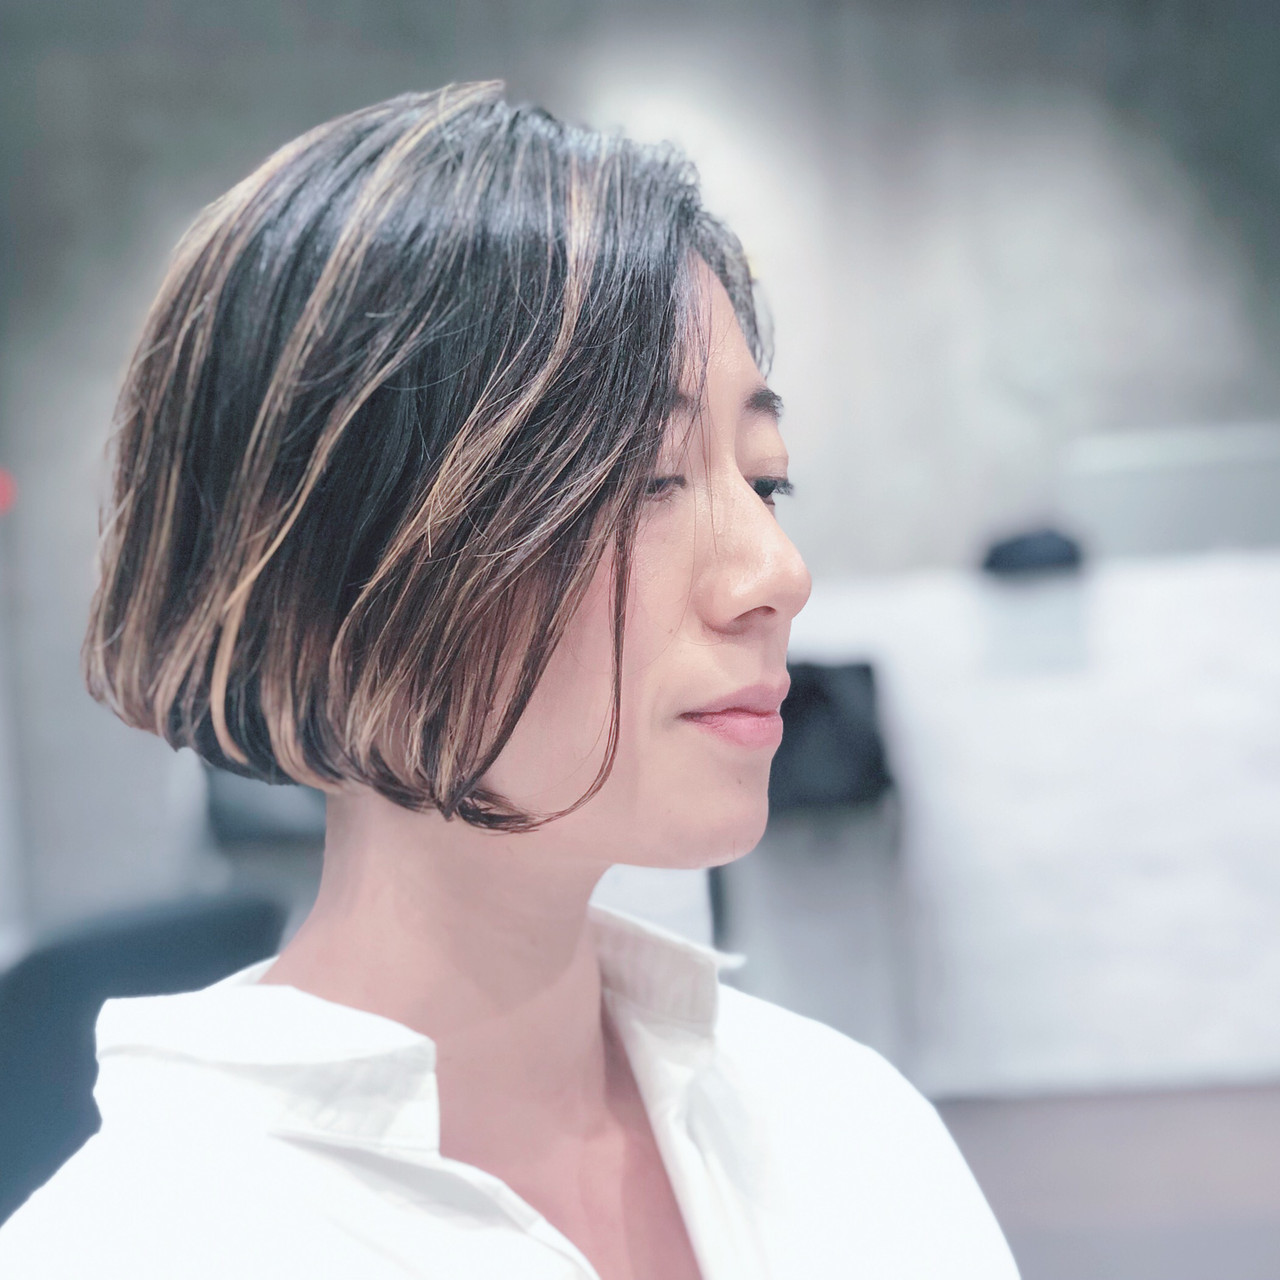 小顔ショート ナチュラル 簡単スタイリング ハンサムショート ヘアスタイルや髪型の写真・画像